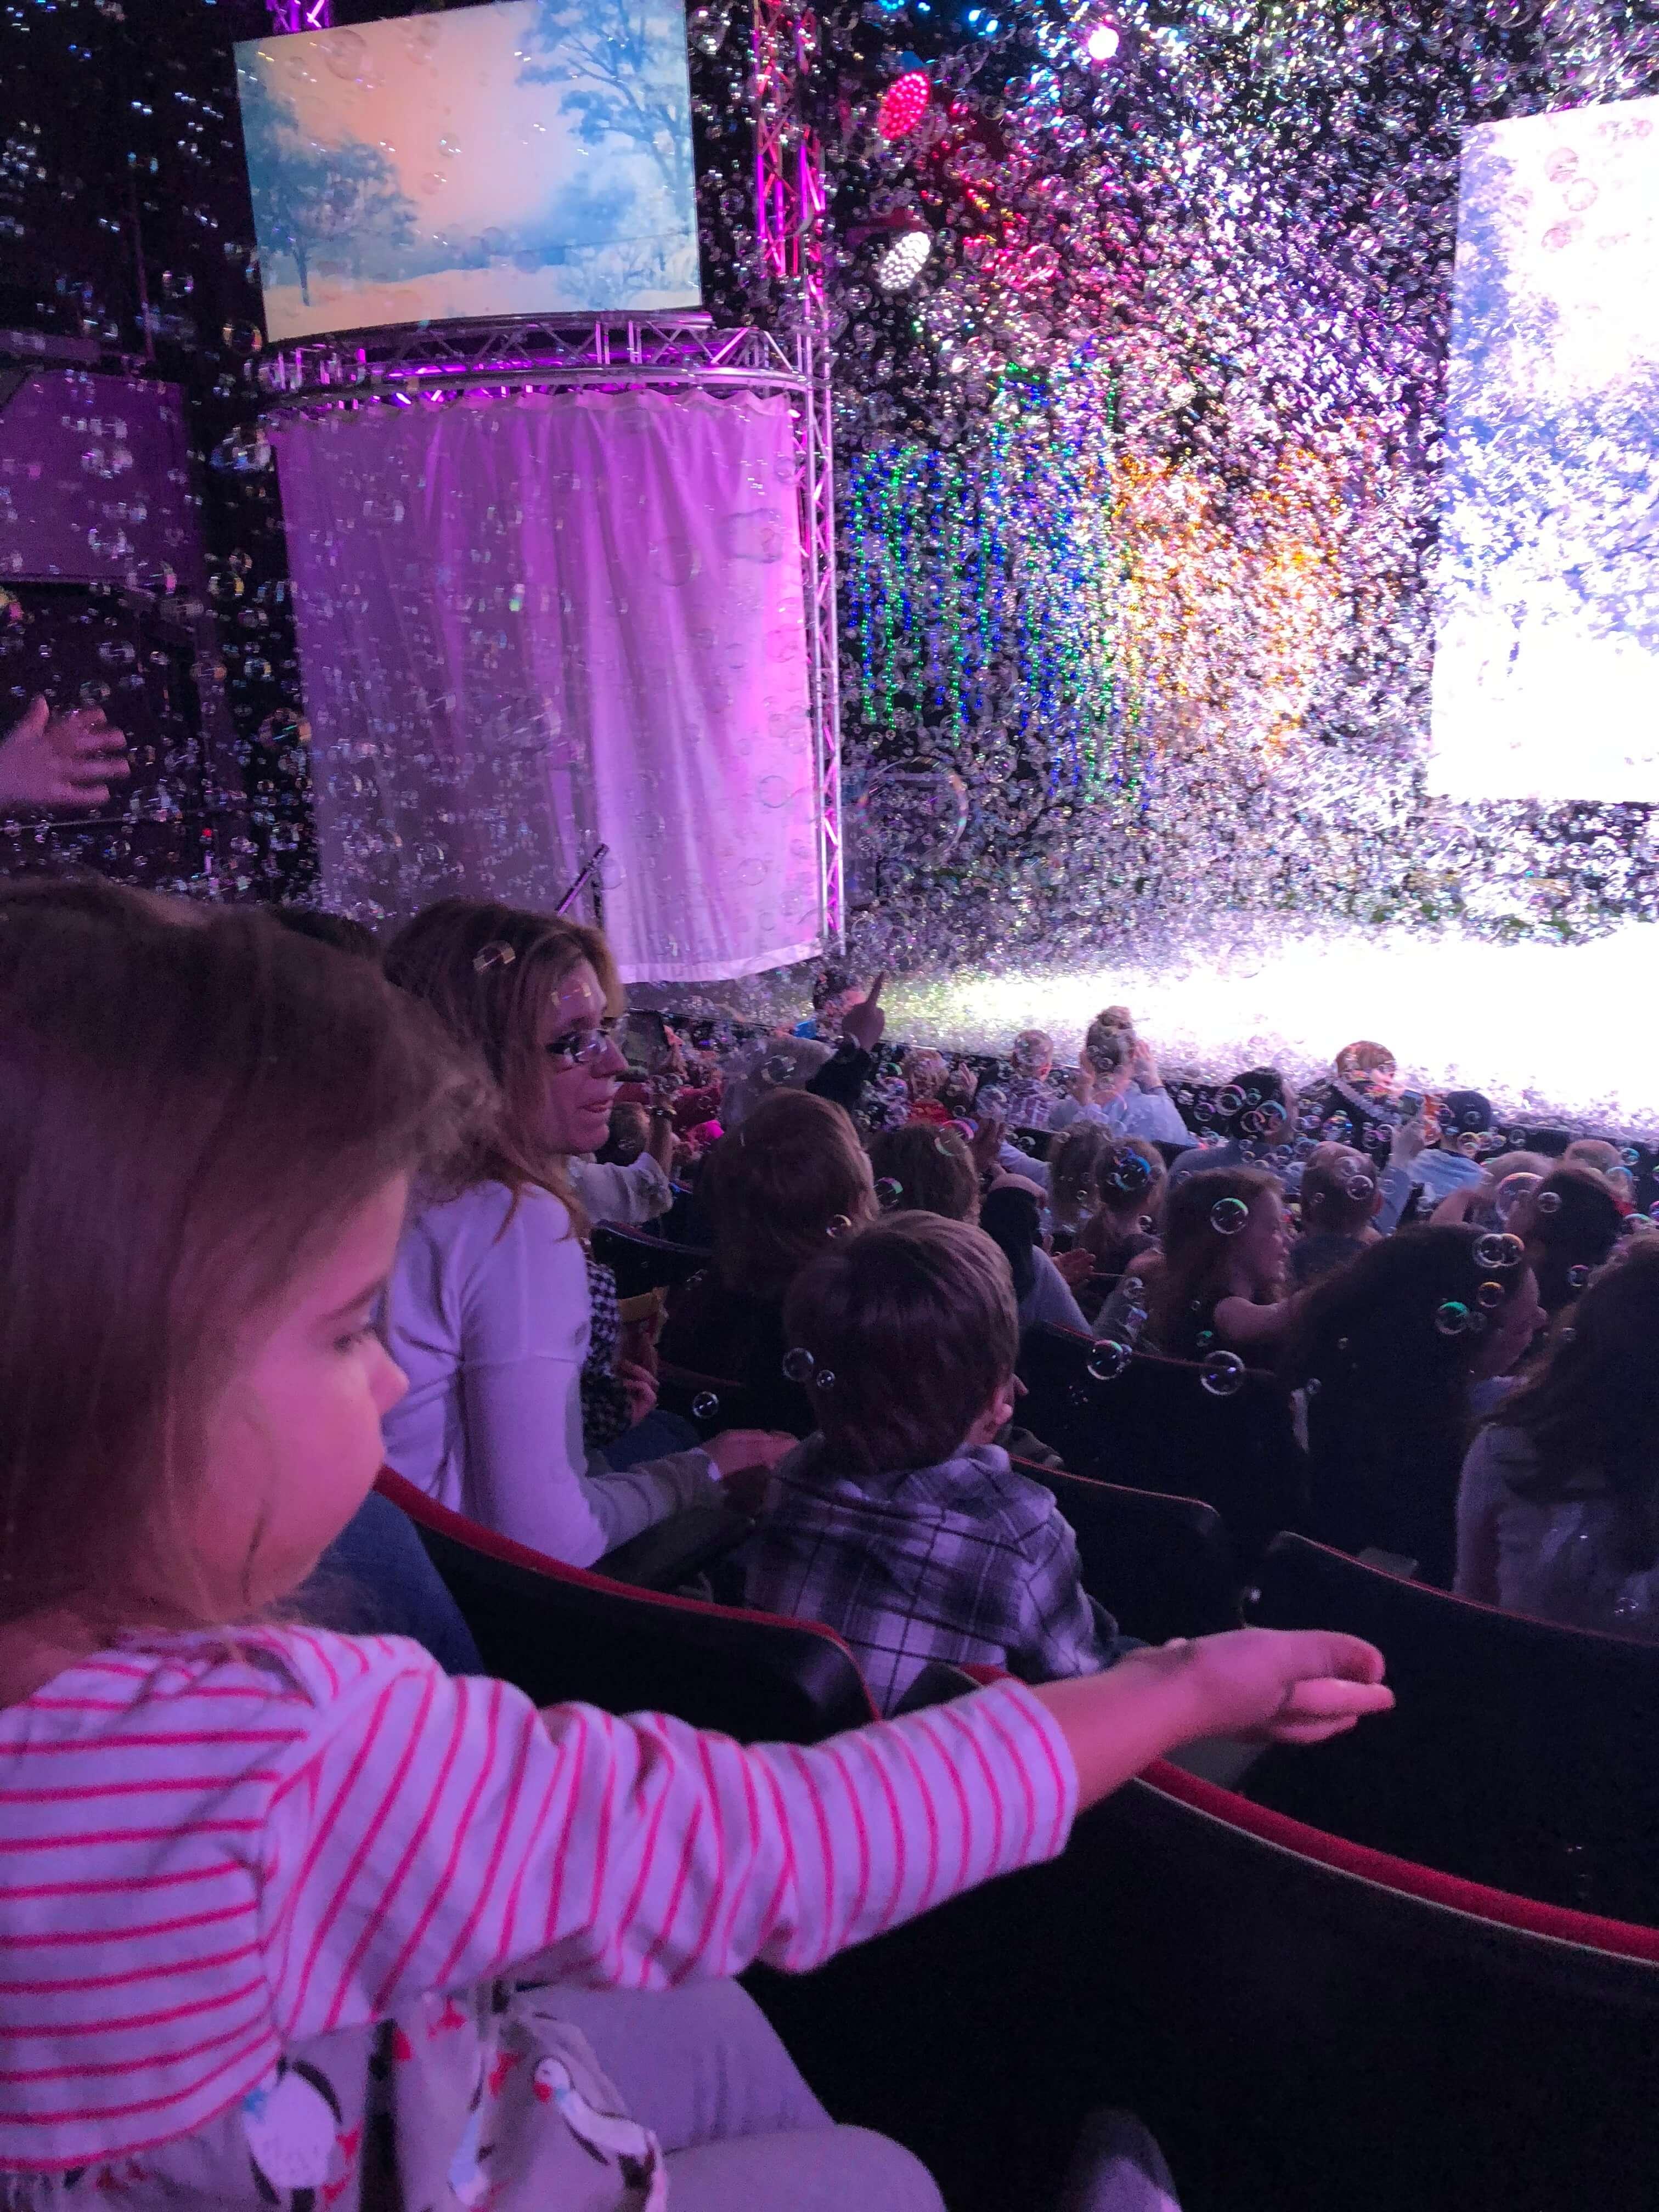 Gazillion Bubble Show magic in nyc